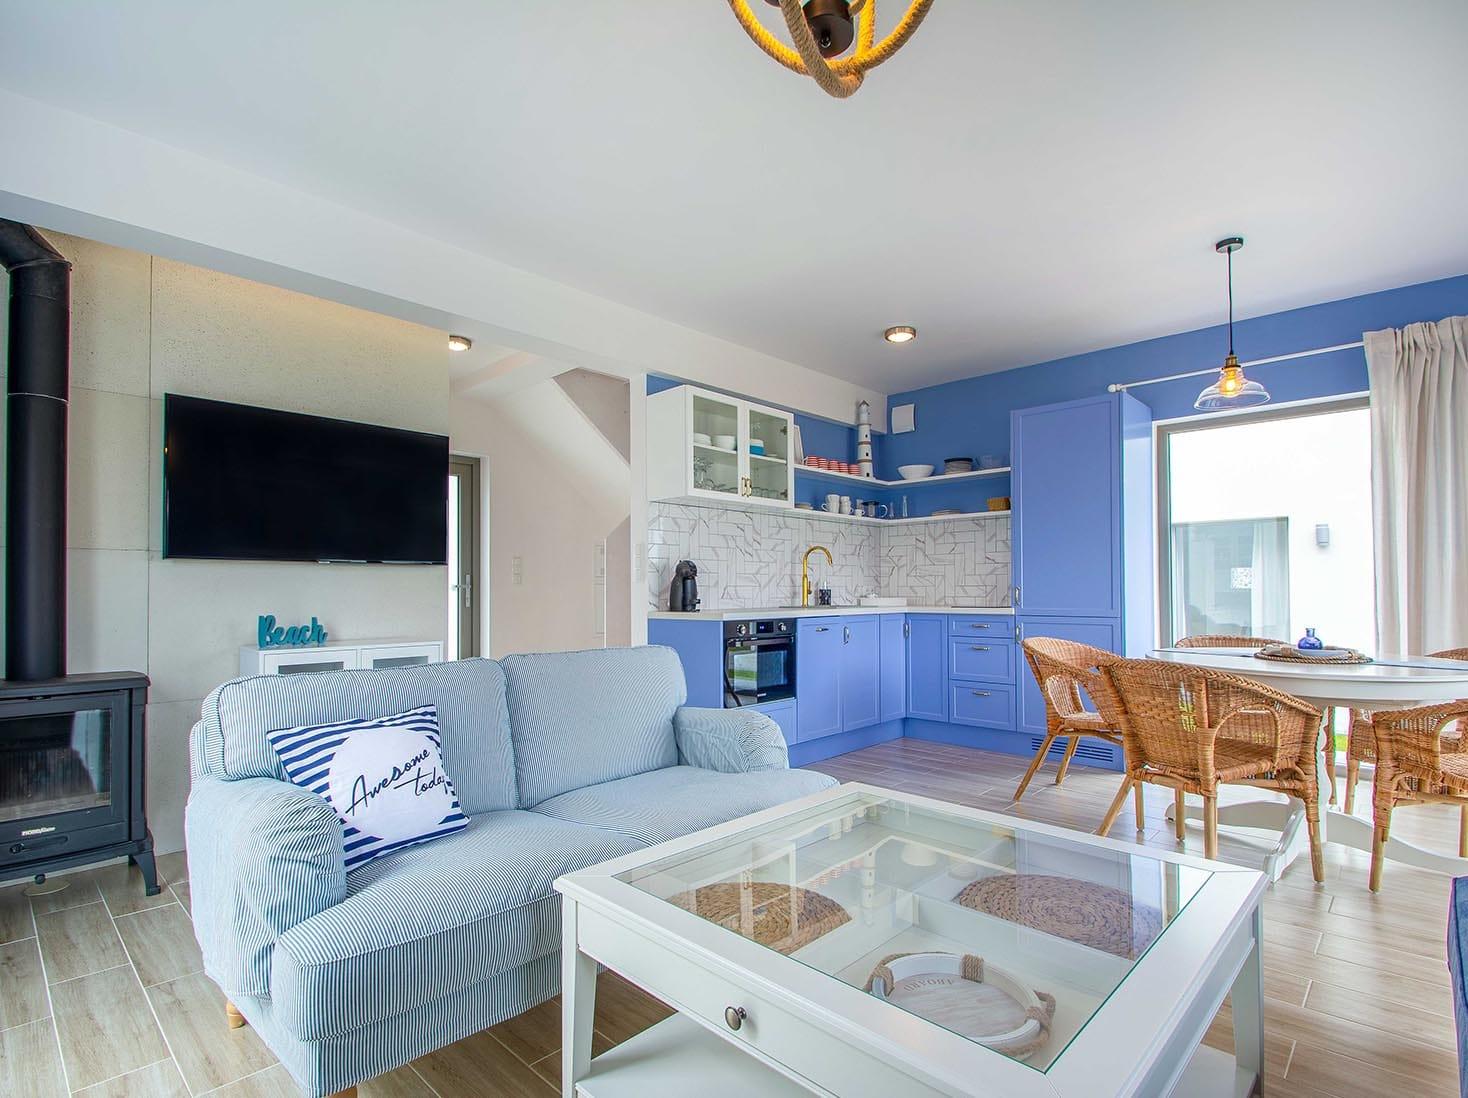 05-Domek nad morzem 5 luksusowy Zatoka Mew dla max 8 osob kuchnia ze zmywarka